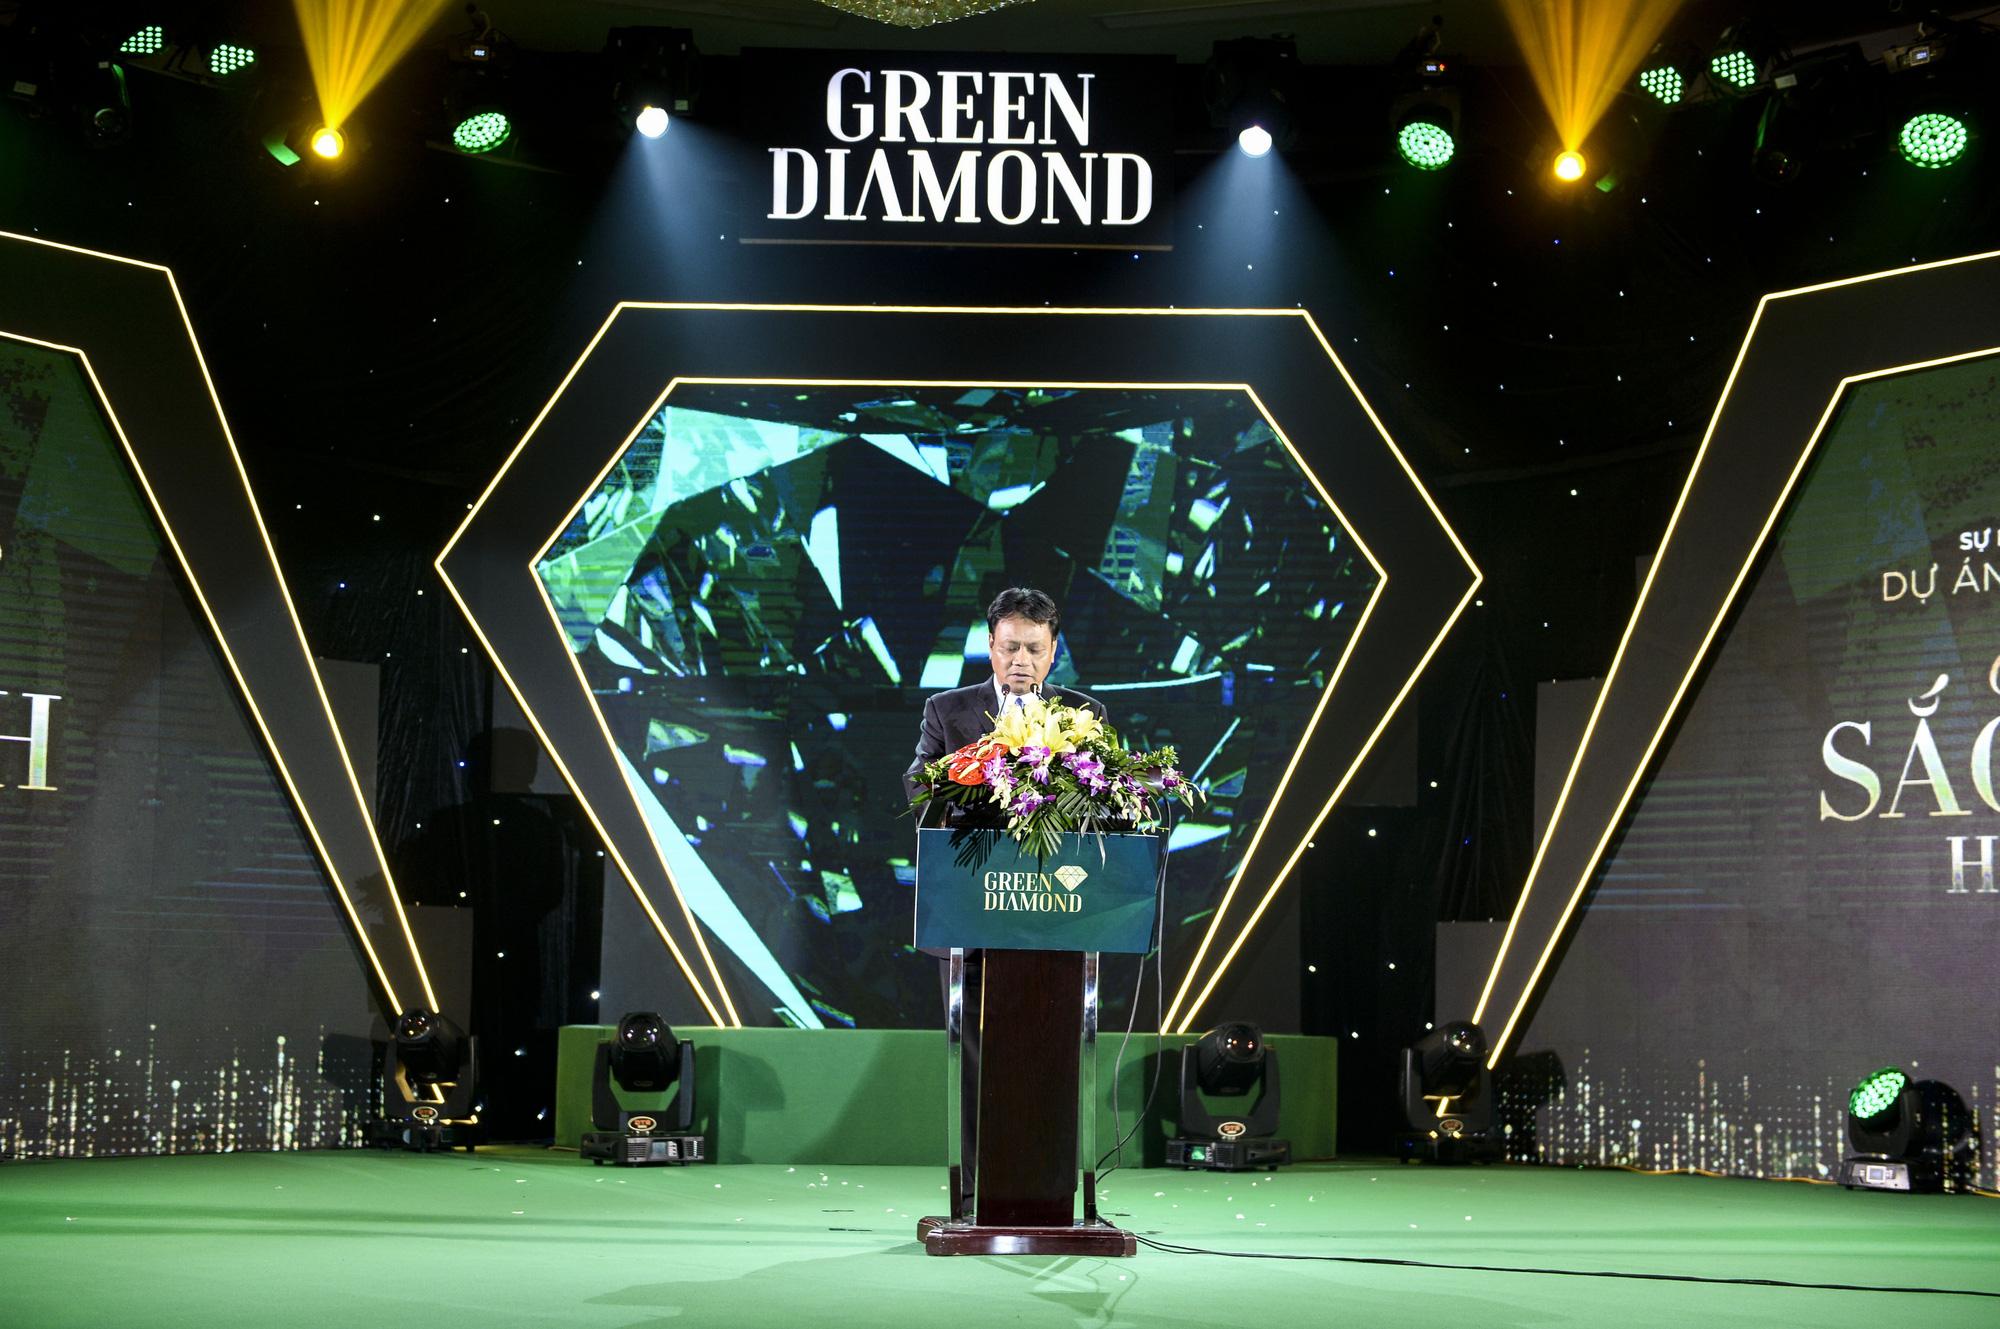 """Quảng Ninh: """"Kiệt tác công nghệ xanh"""" Green Diamond gây sốt thị trường miền Bắc - Ảnh 1."""